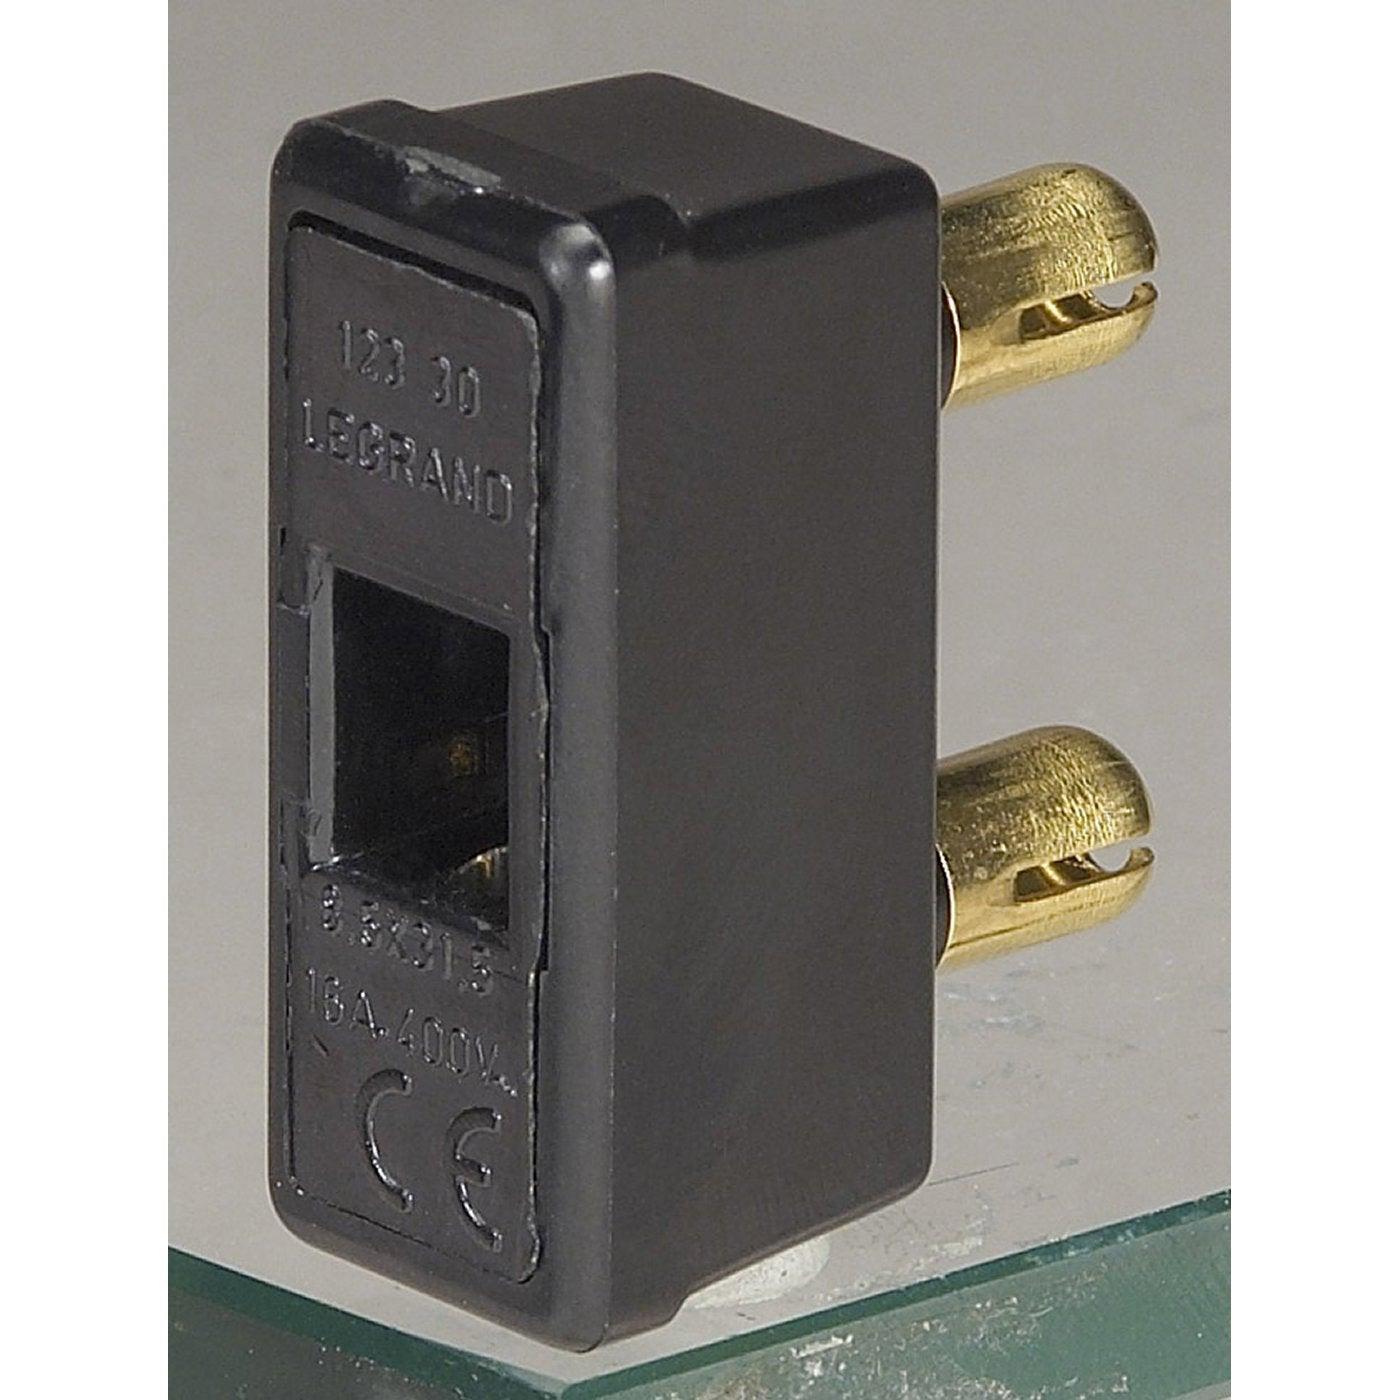 adaptateur pour cartouche 8 5 x 31 5 mm leroy merlin. Black Bedroom Furniture Sets. Home Design Ideas